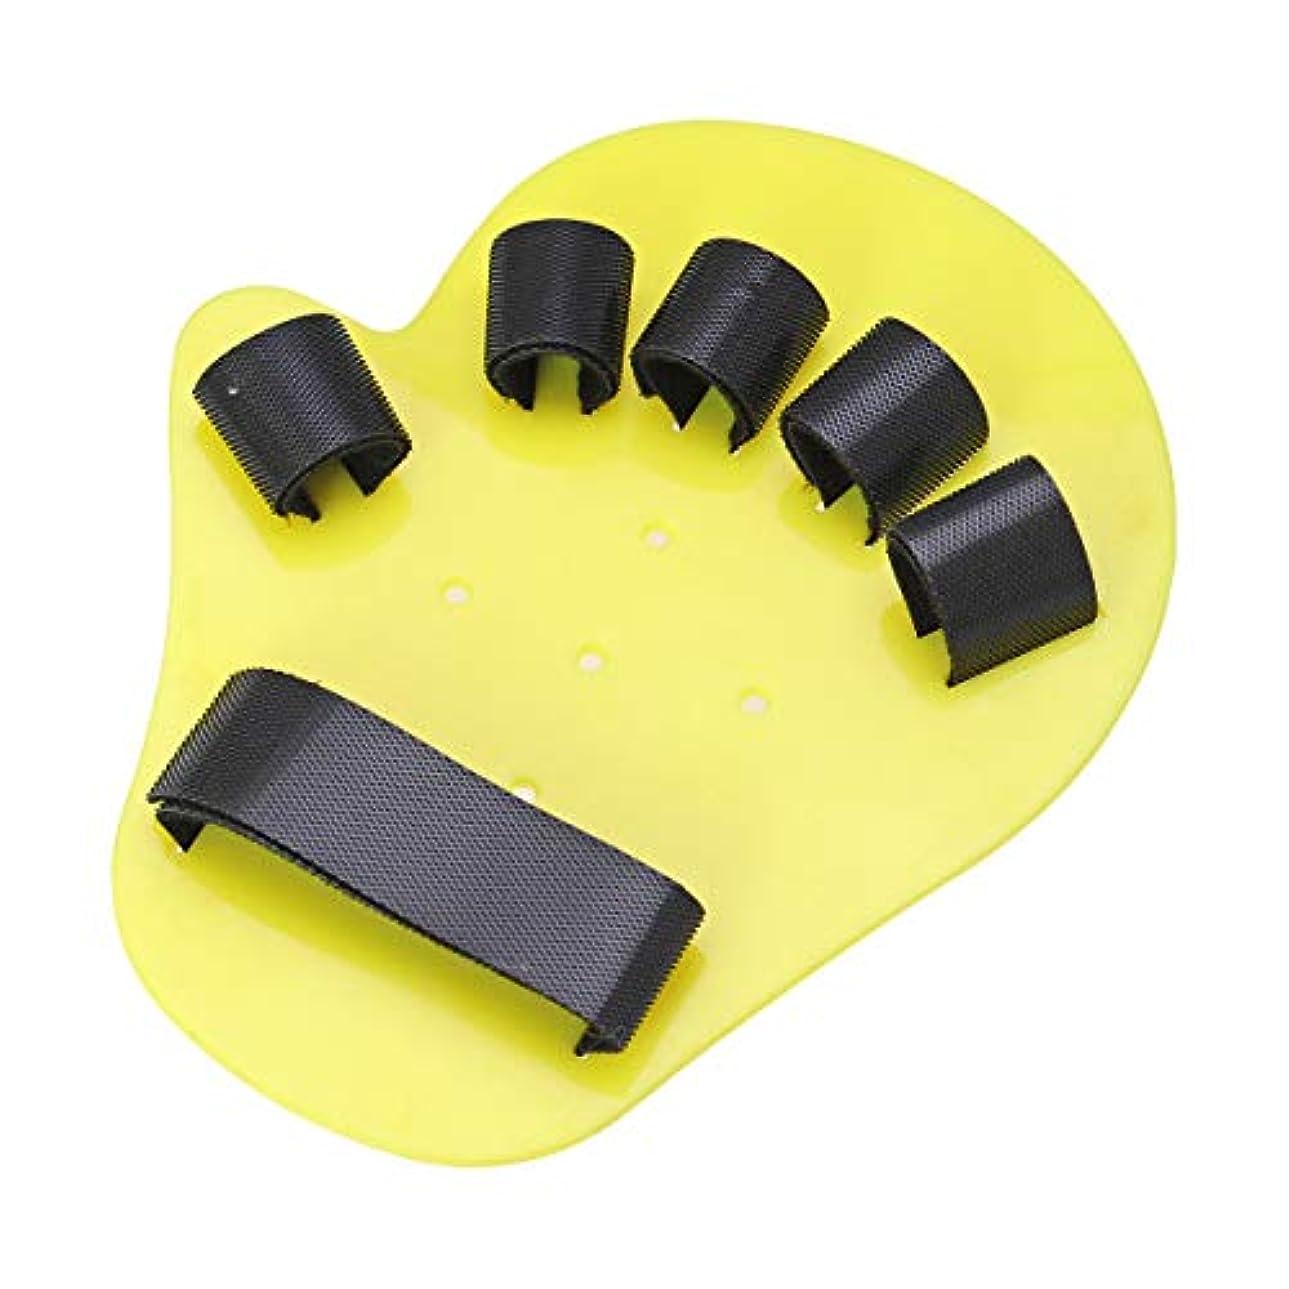 刃魅惑的な悪用SUPVOX 指の装具キッズ指トレーニングボード指副木指用脳卒中片麻痺5-10年